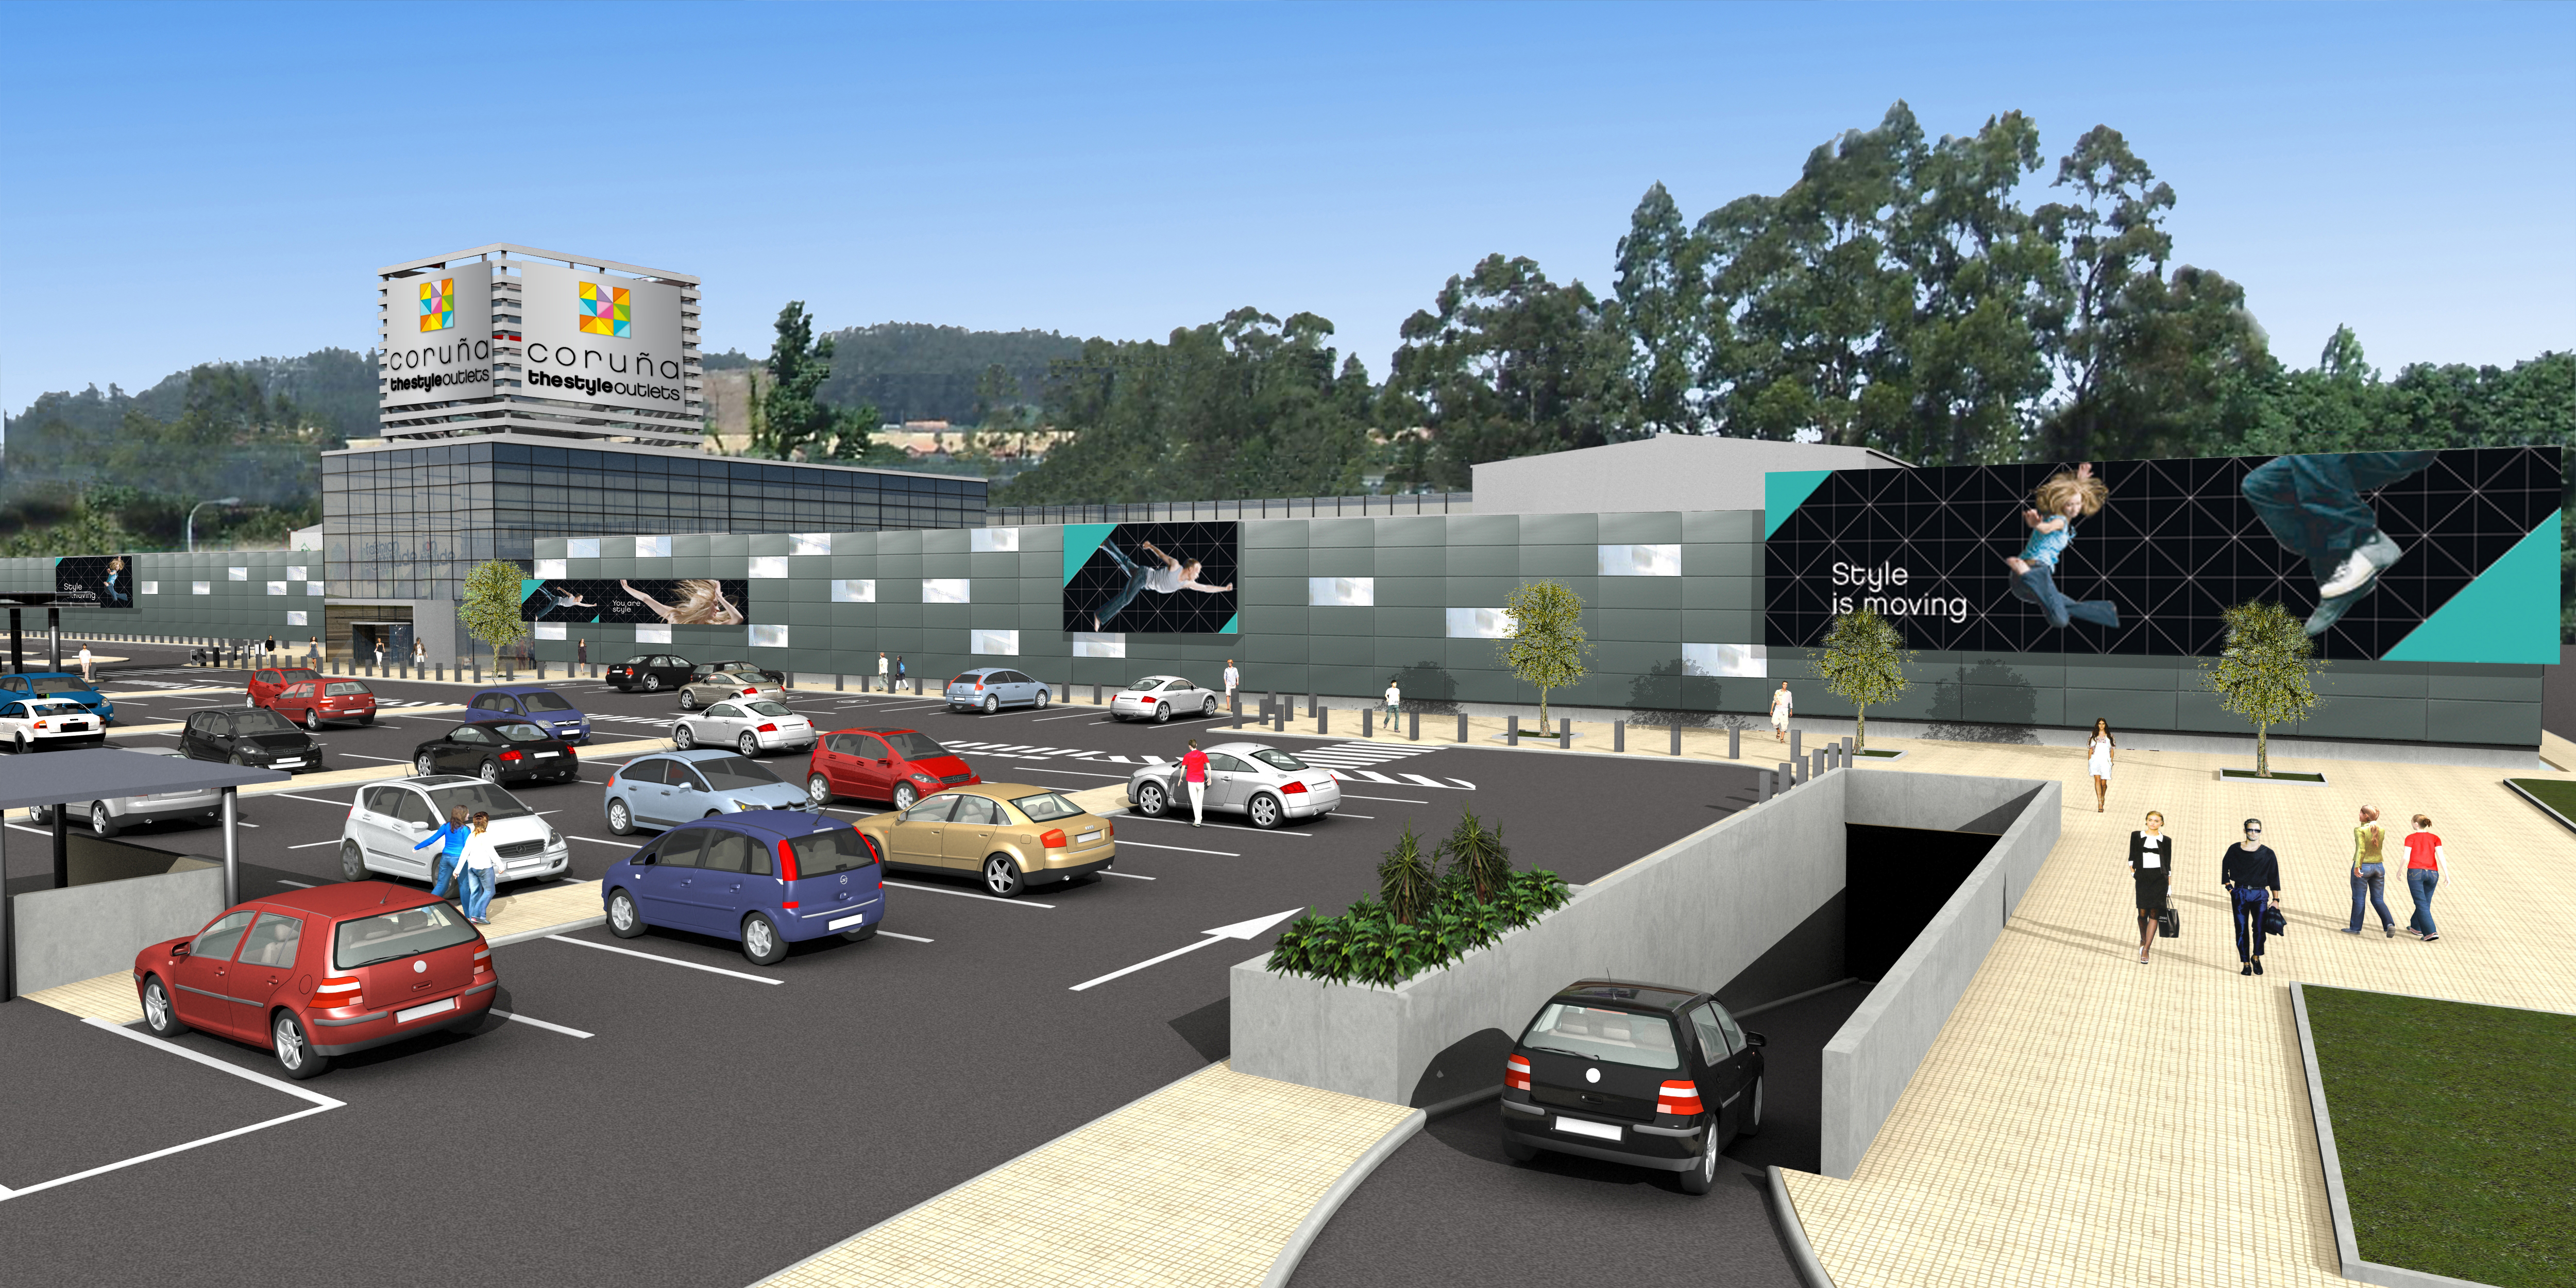 Abolido Stratford on Avon más  NEINVER presenta Coruña the Style Outlets, quinto outlet de NEINVER en  España   NEINVER